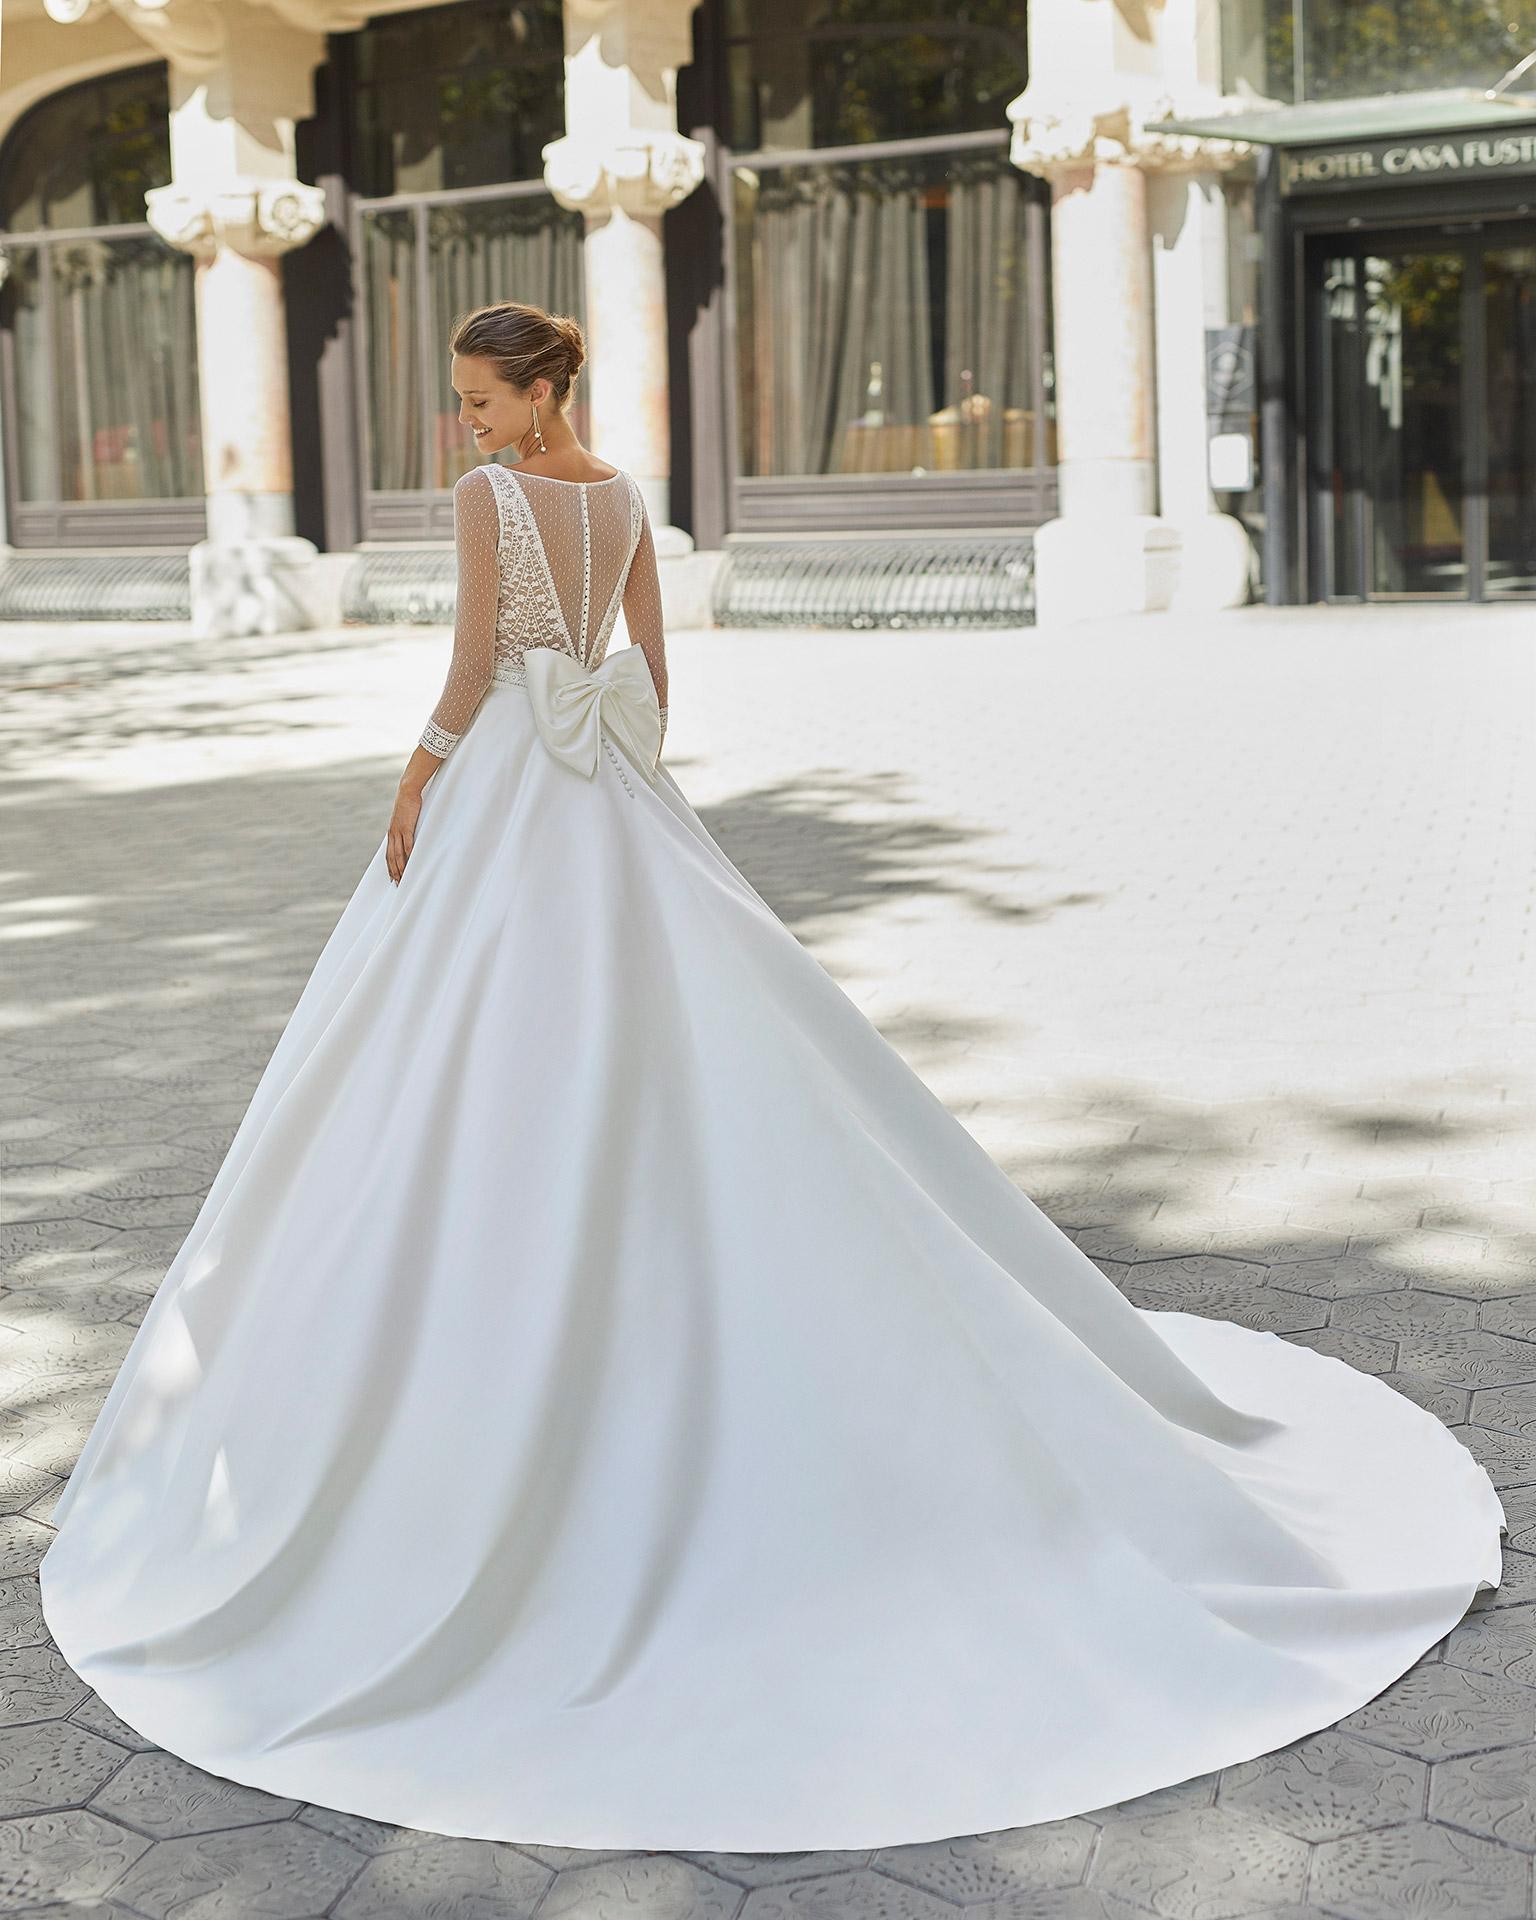 Vestido de novia de estilo clásico, raso, encaje y pedrería. Escote deep plunge, espalda tul plumetti y manga 3/4 tul plumetti. Colección  2022.